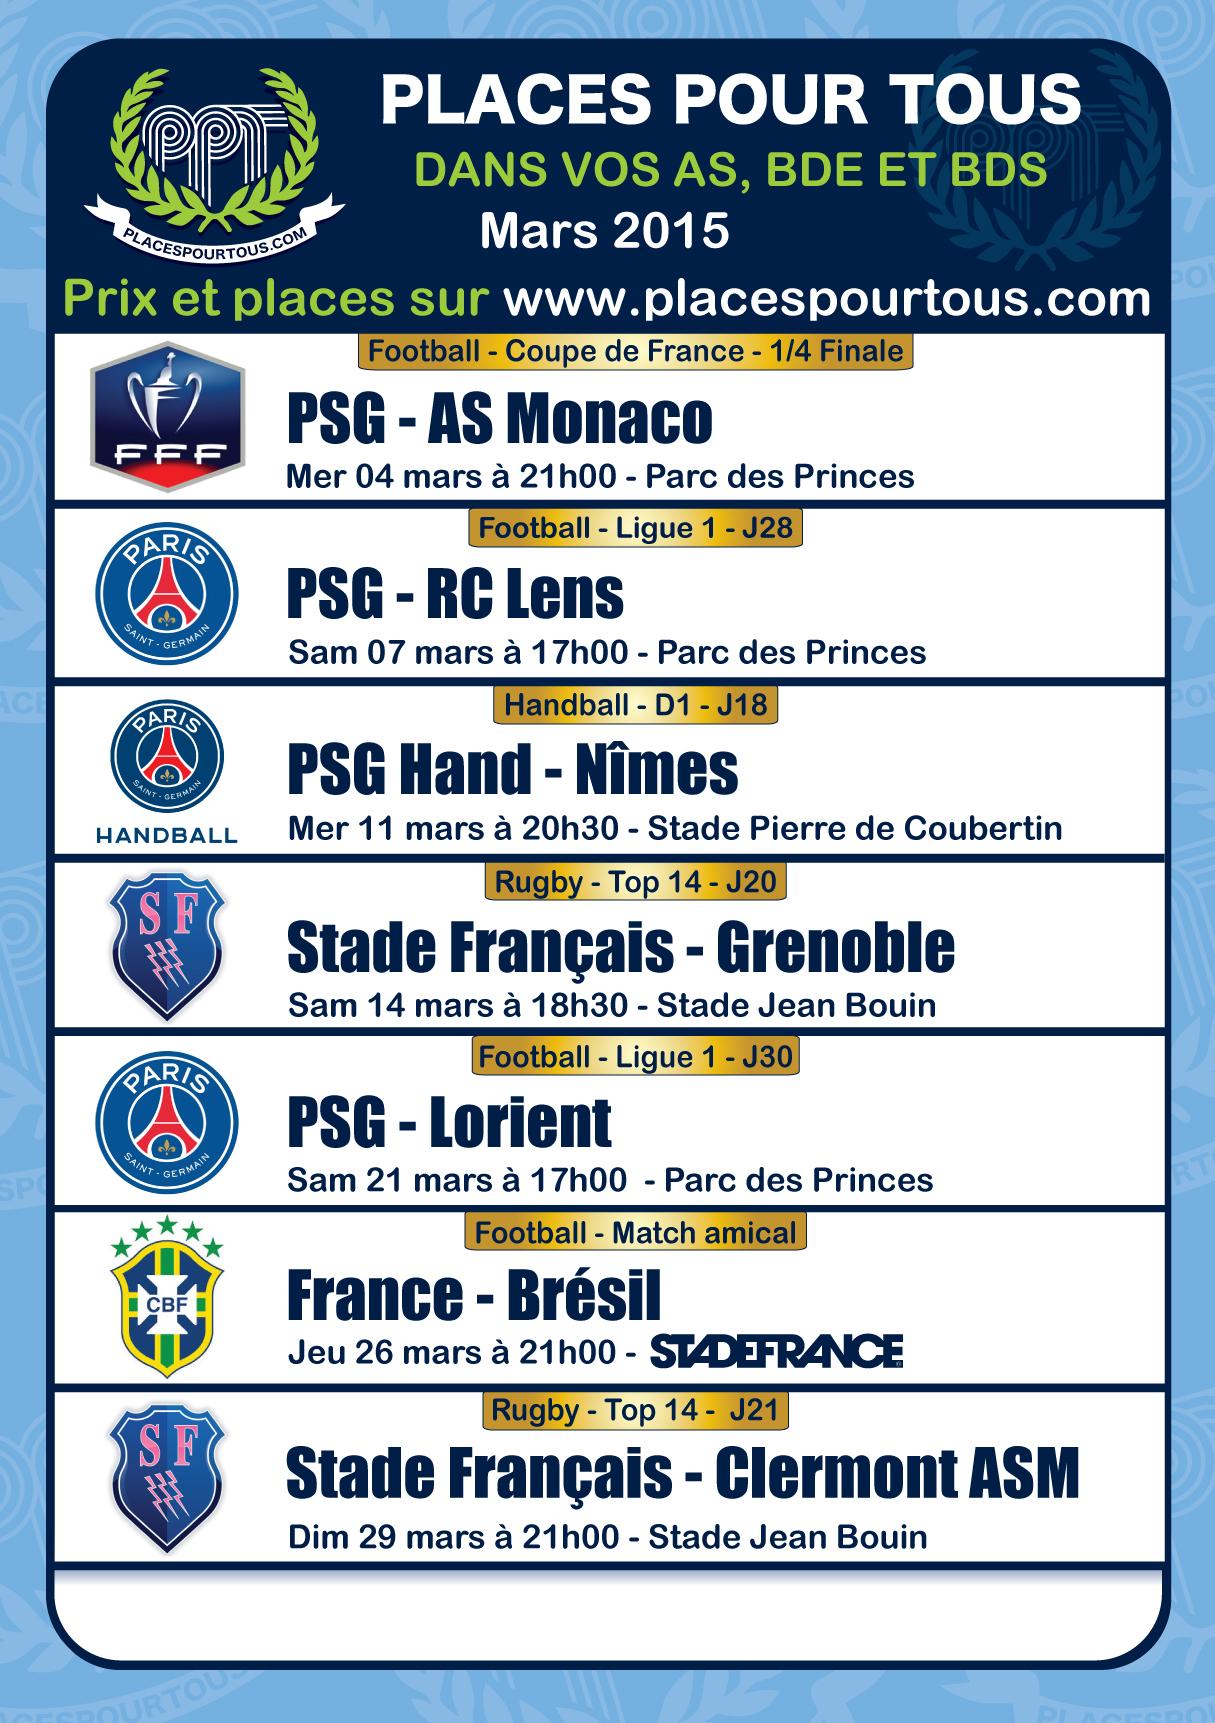 programmation mars 2015 places pour tous, du foot, du rugby, de tout par nous pour vous :)